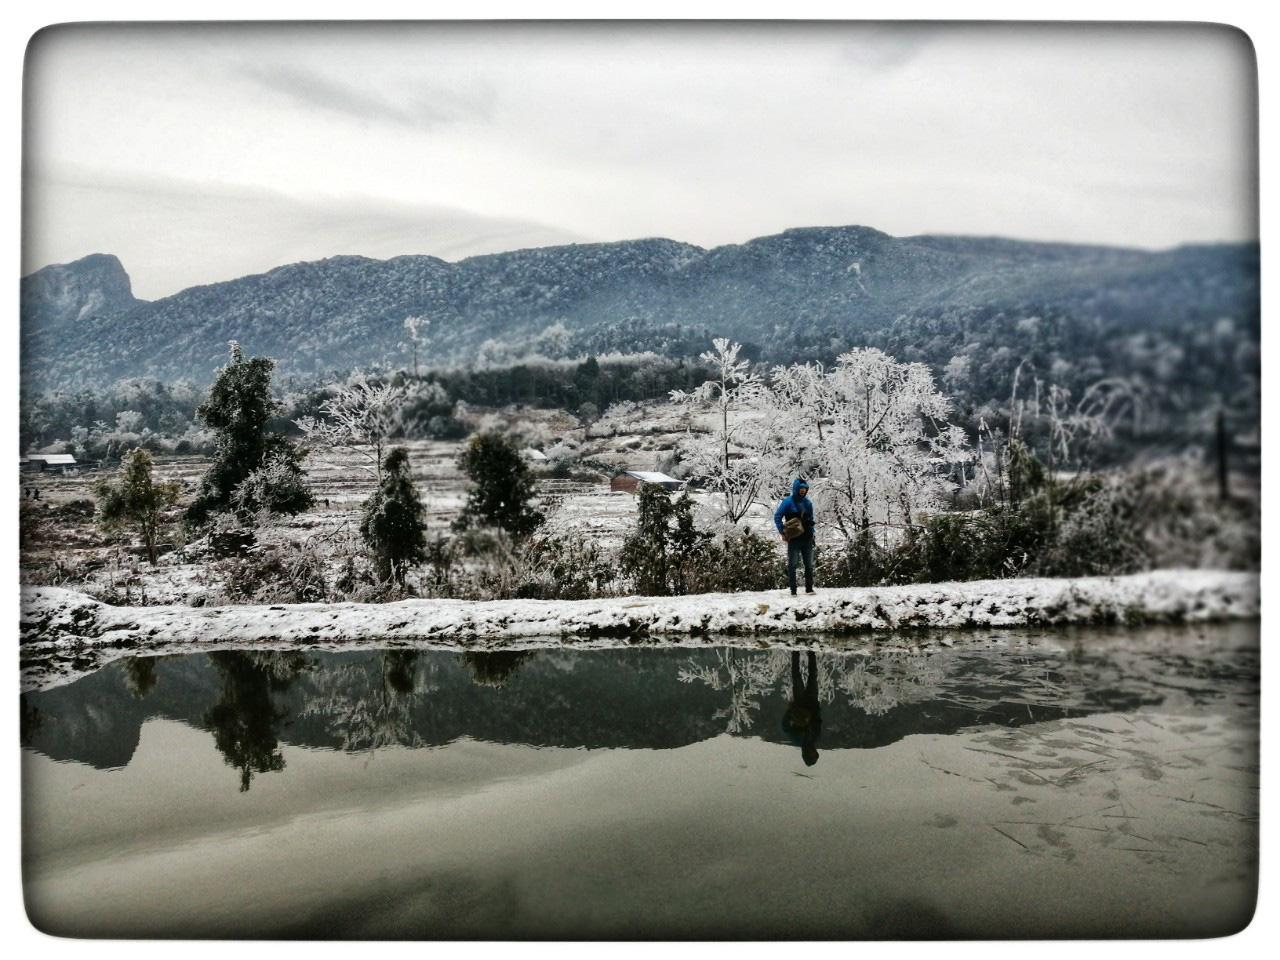 Lào Cai: Lạnh -3 độ C, Y Tý ngày tuyết rơi như chiếc tủ lạnh khổng lồ, đẹp như trời Âu - Ảnh 12.